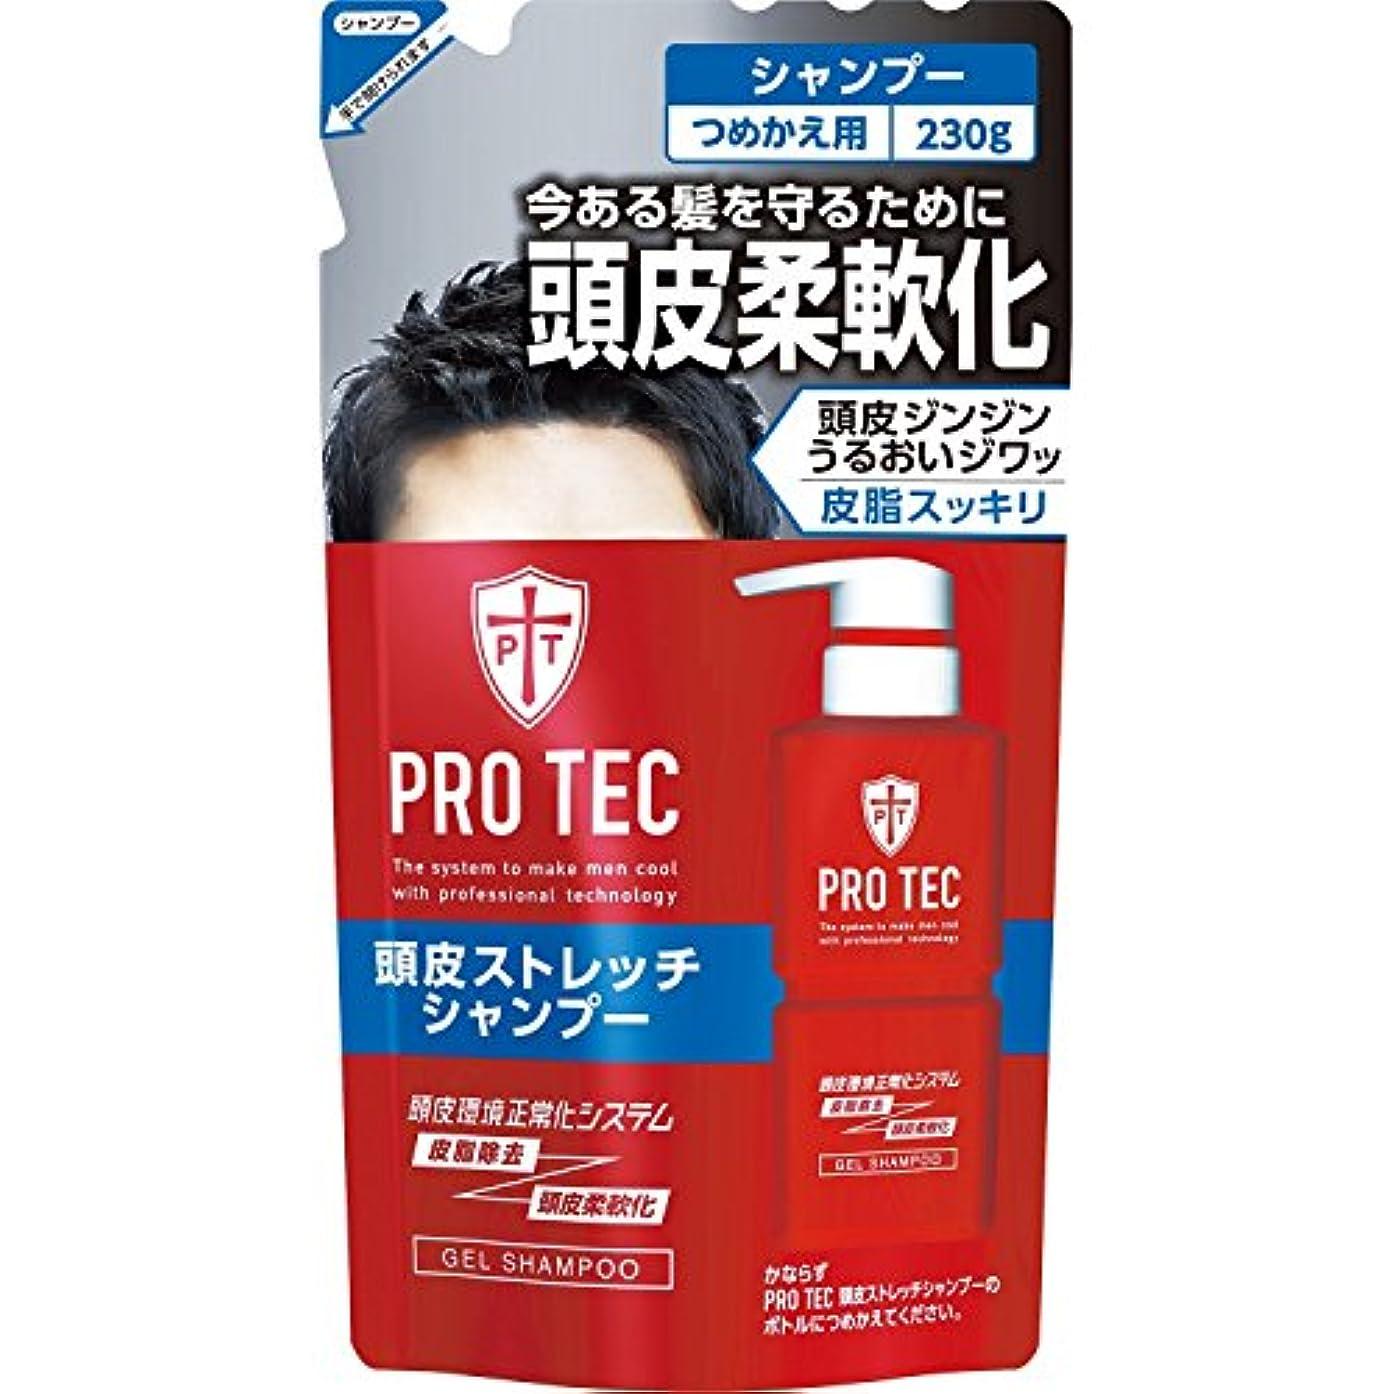 スキャンチップ致命的PRO TEC(プロテク) 頭皮ストレッチ シャンプー 詰め替え 230g(医薬部外品)